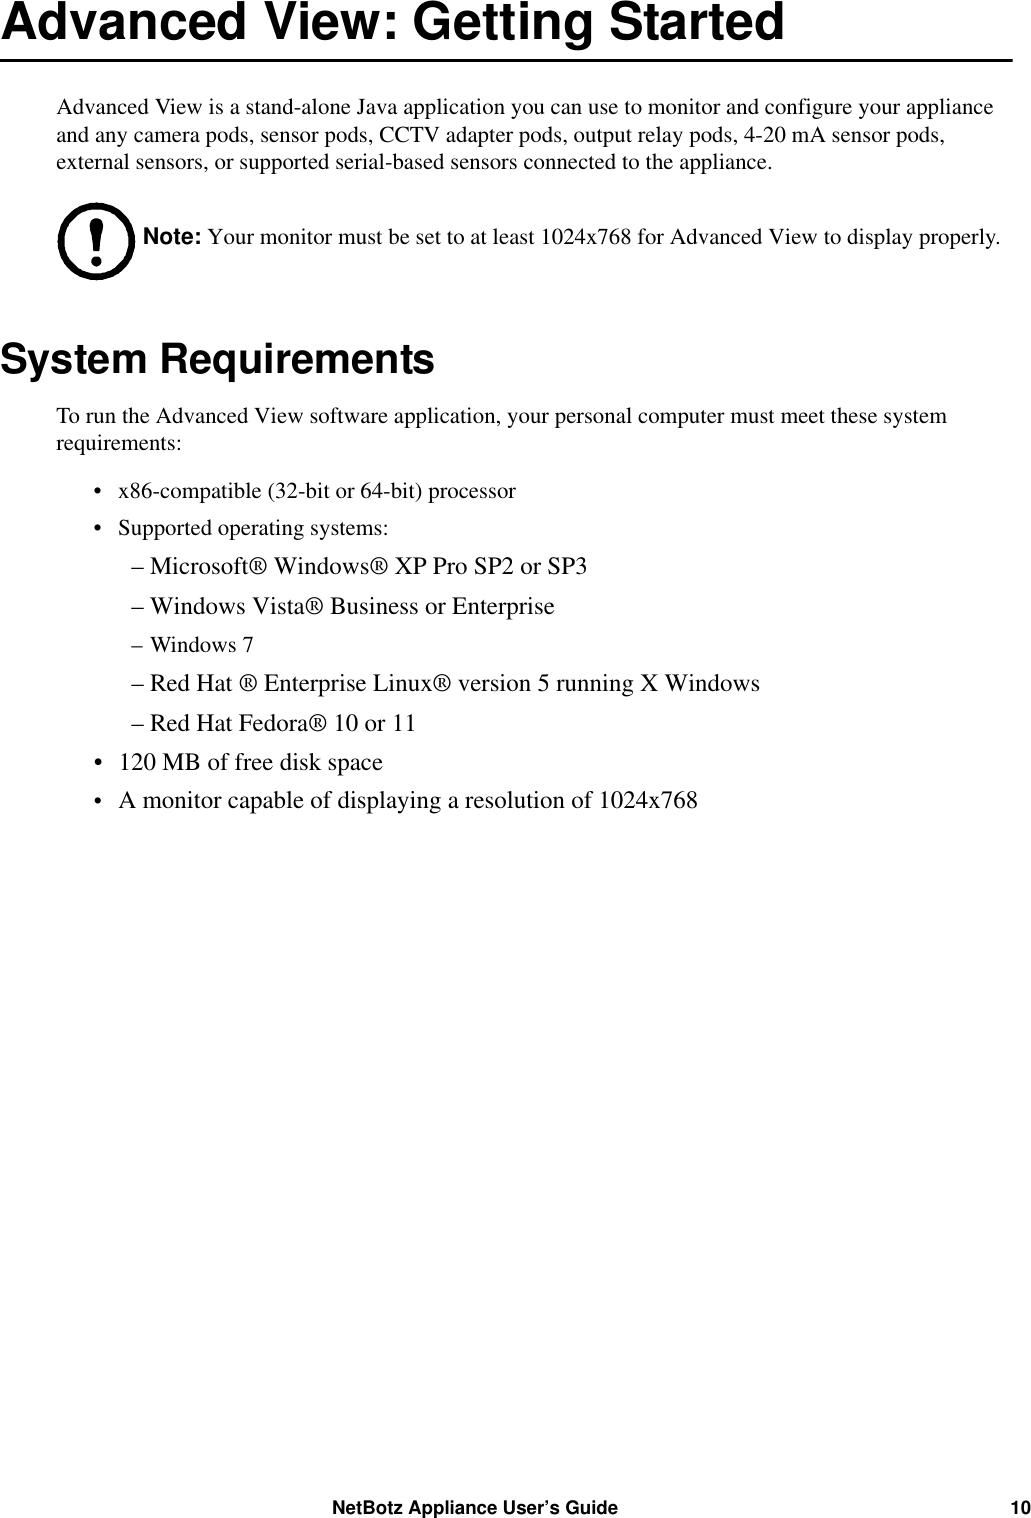 Apc Netbotz Nbrk0450 Users Manual AEM UG 990 3288 EN